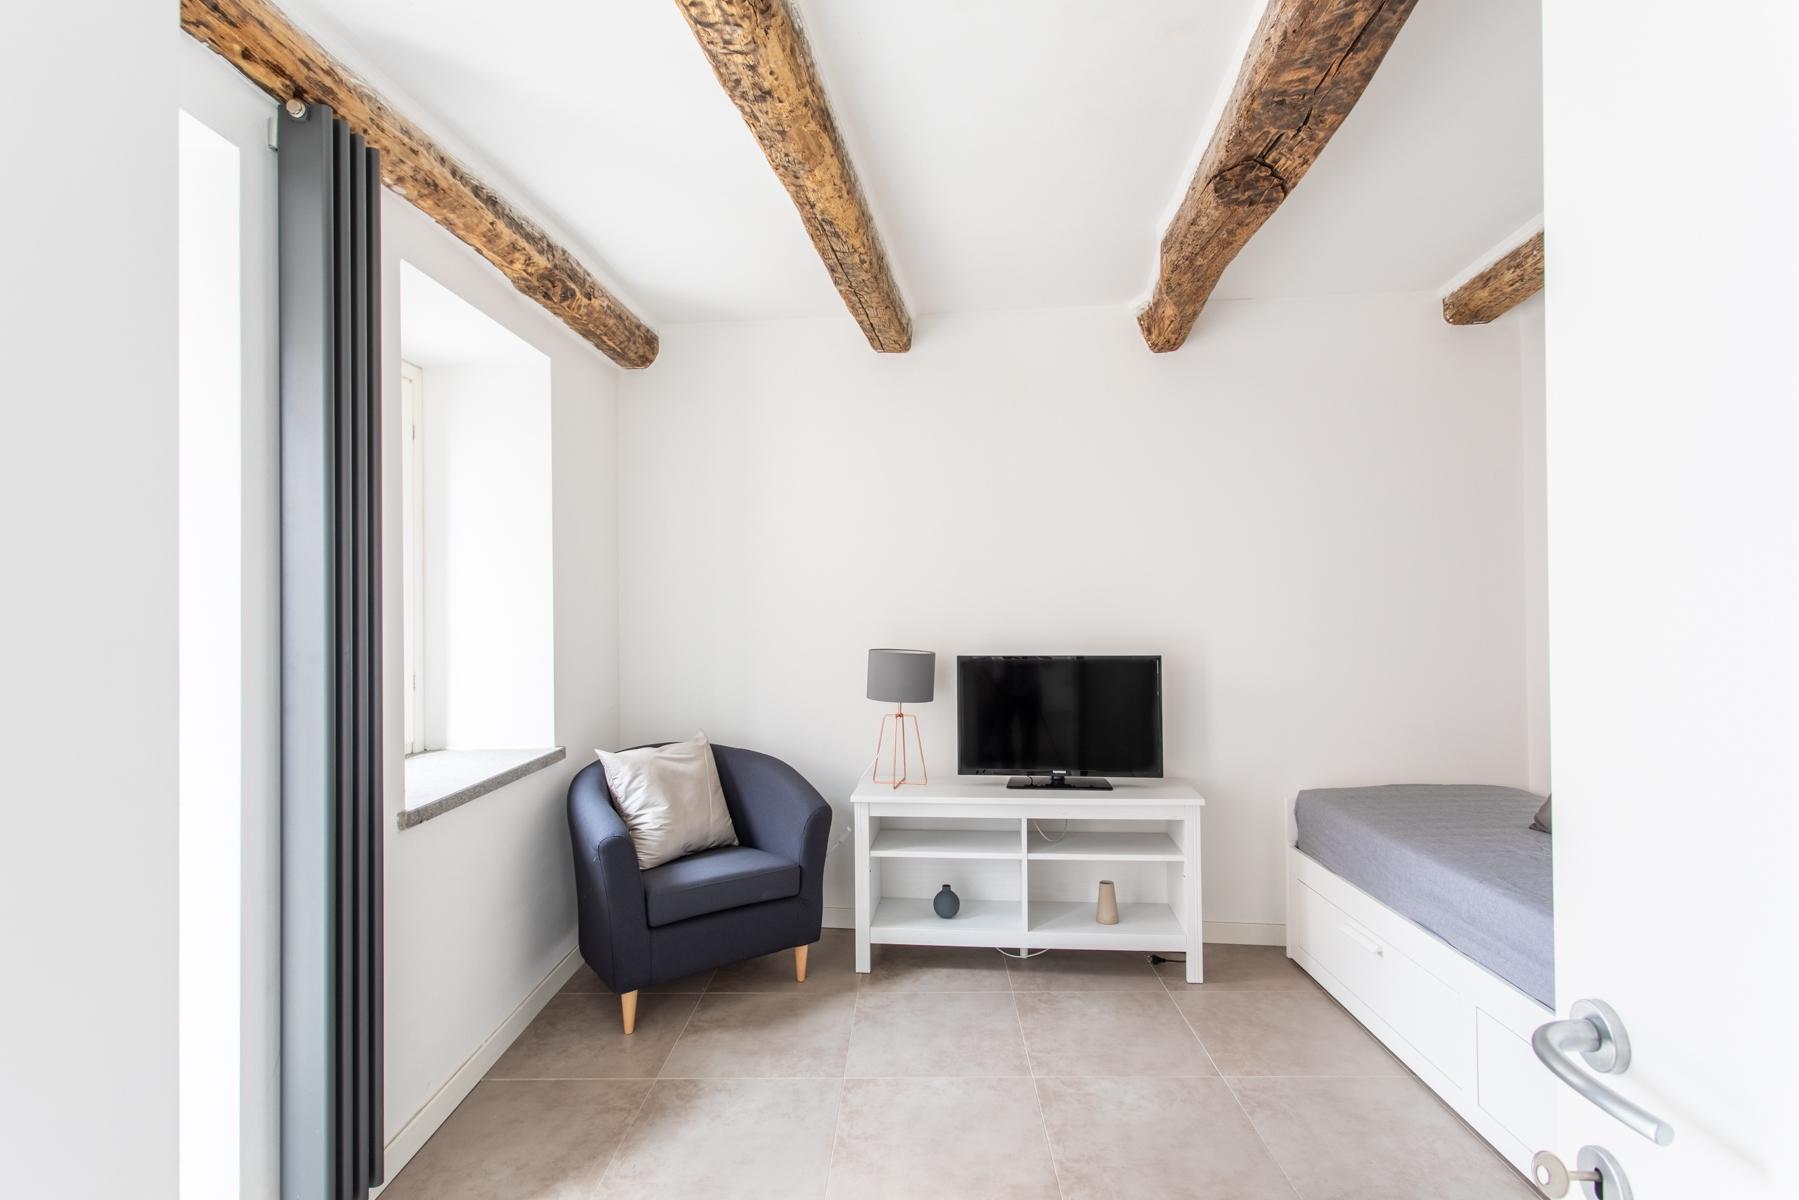 Casa indipendente in Vendita a Trevignano Romano: 5 locali, 163 mq - Foto 17